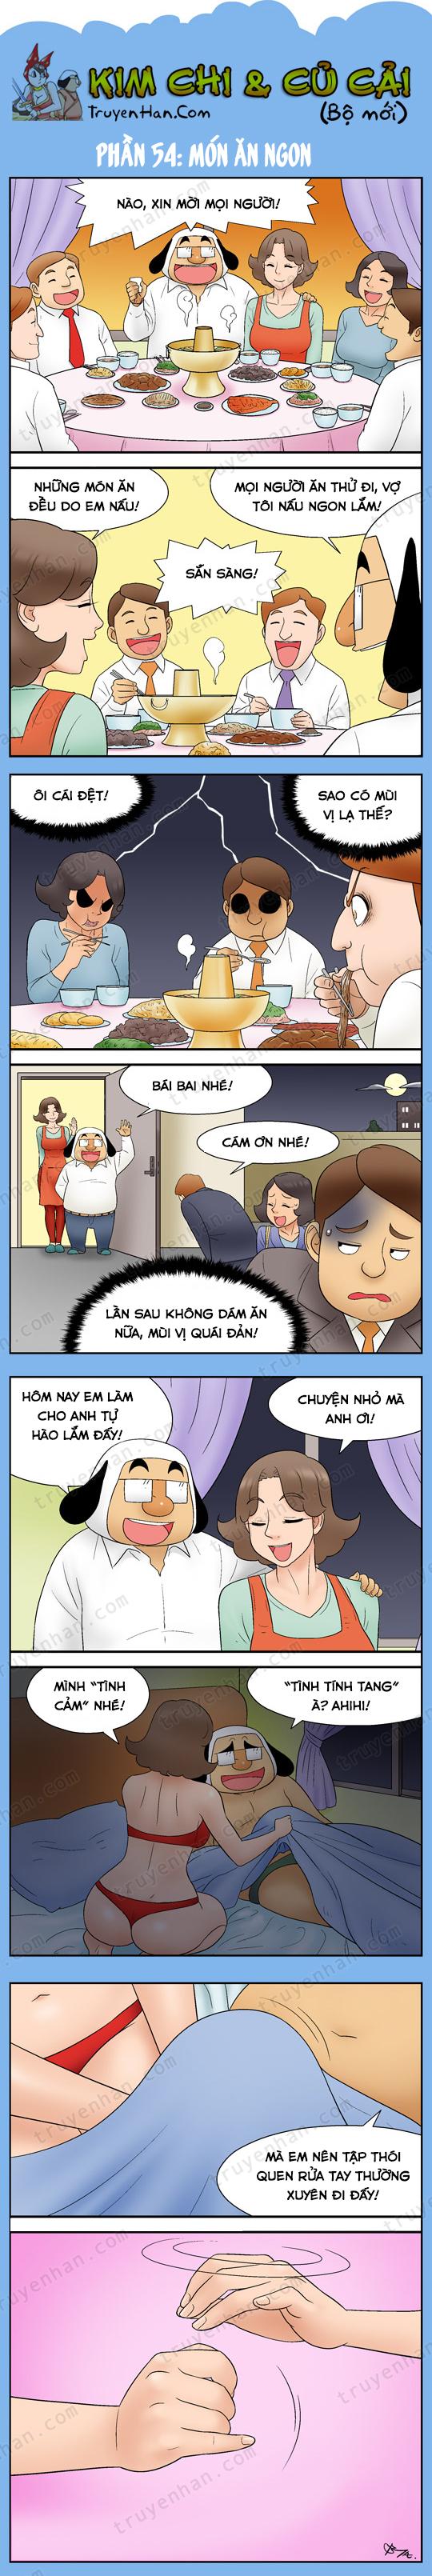 Kim Chi & Củ Cải (bộ mới) phần 54: Món ăn ngon